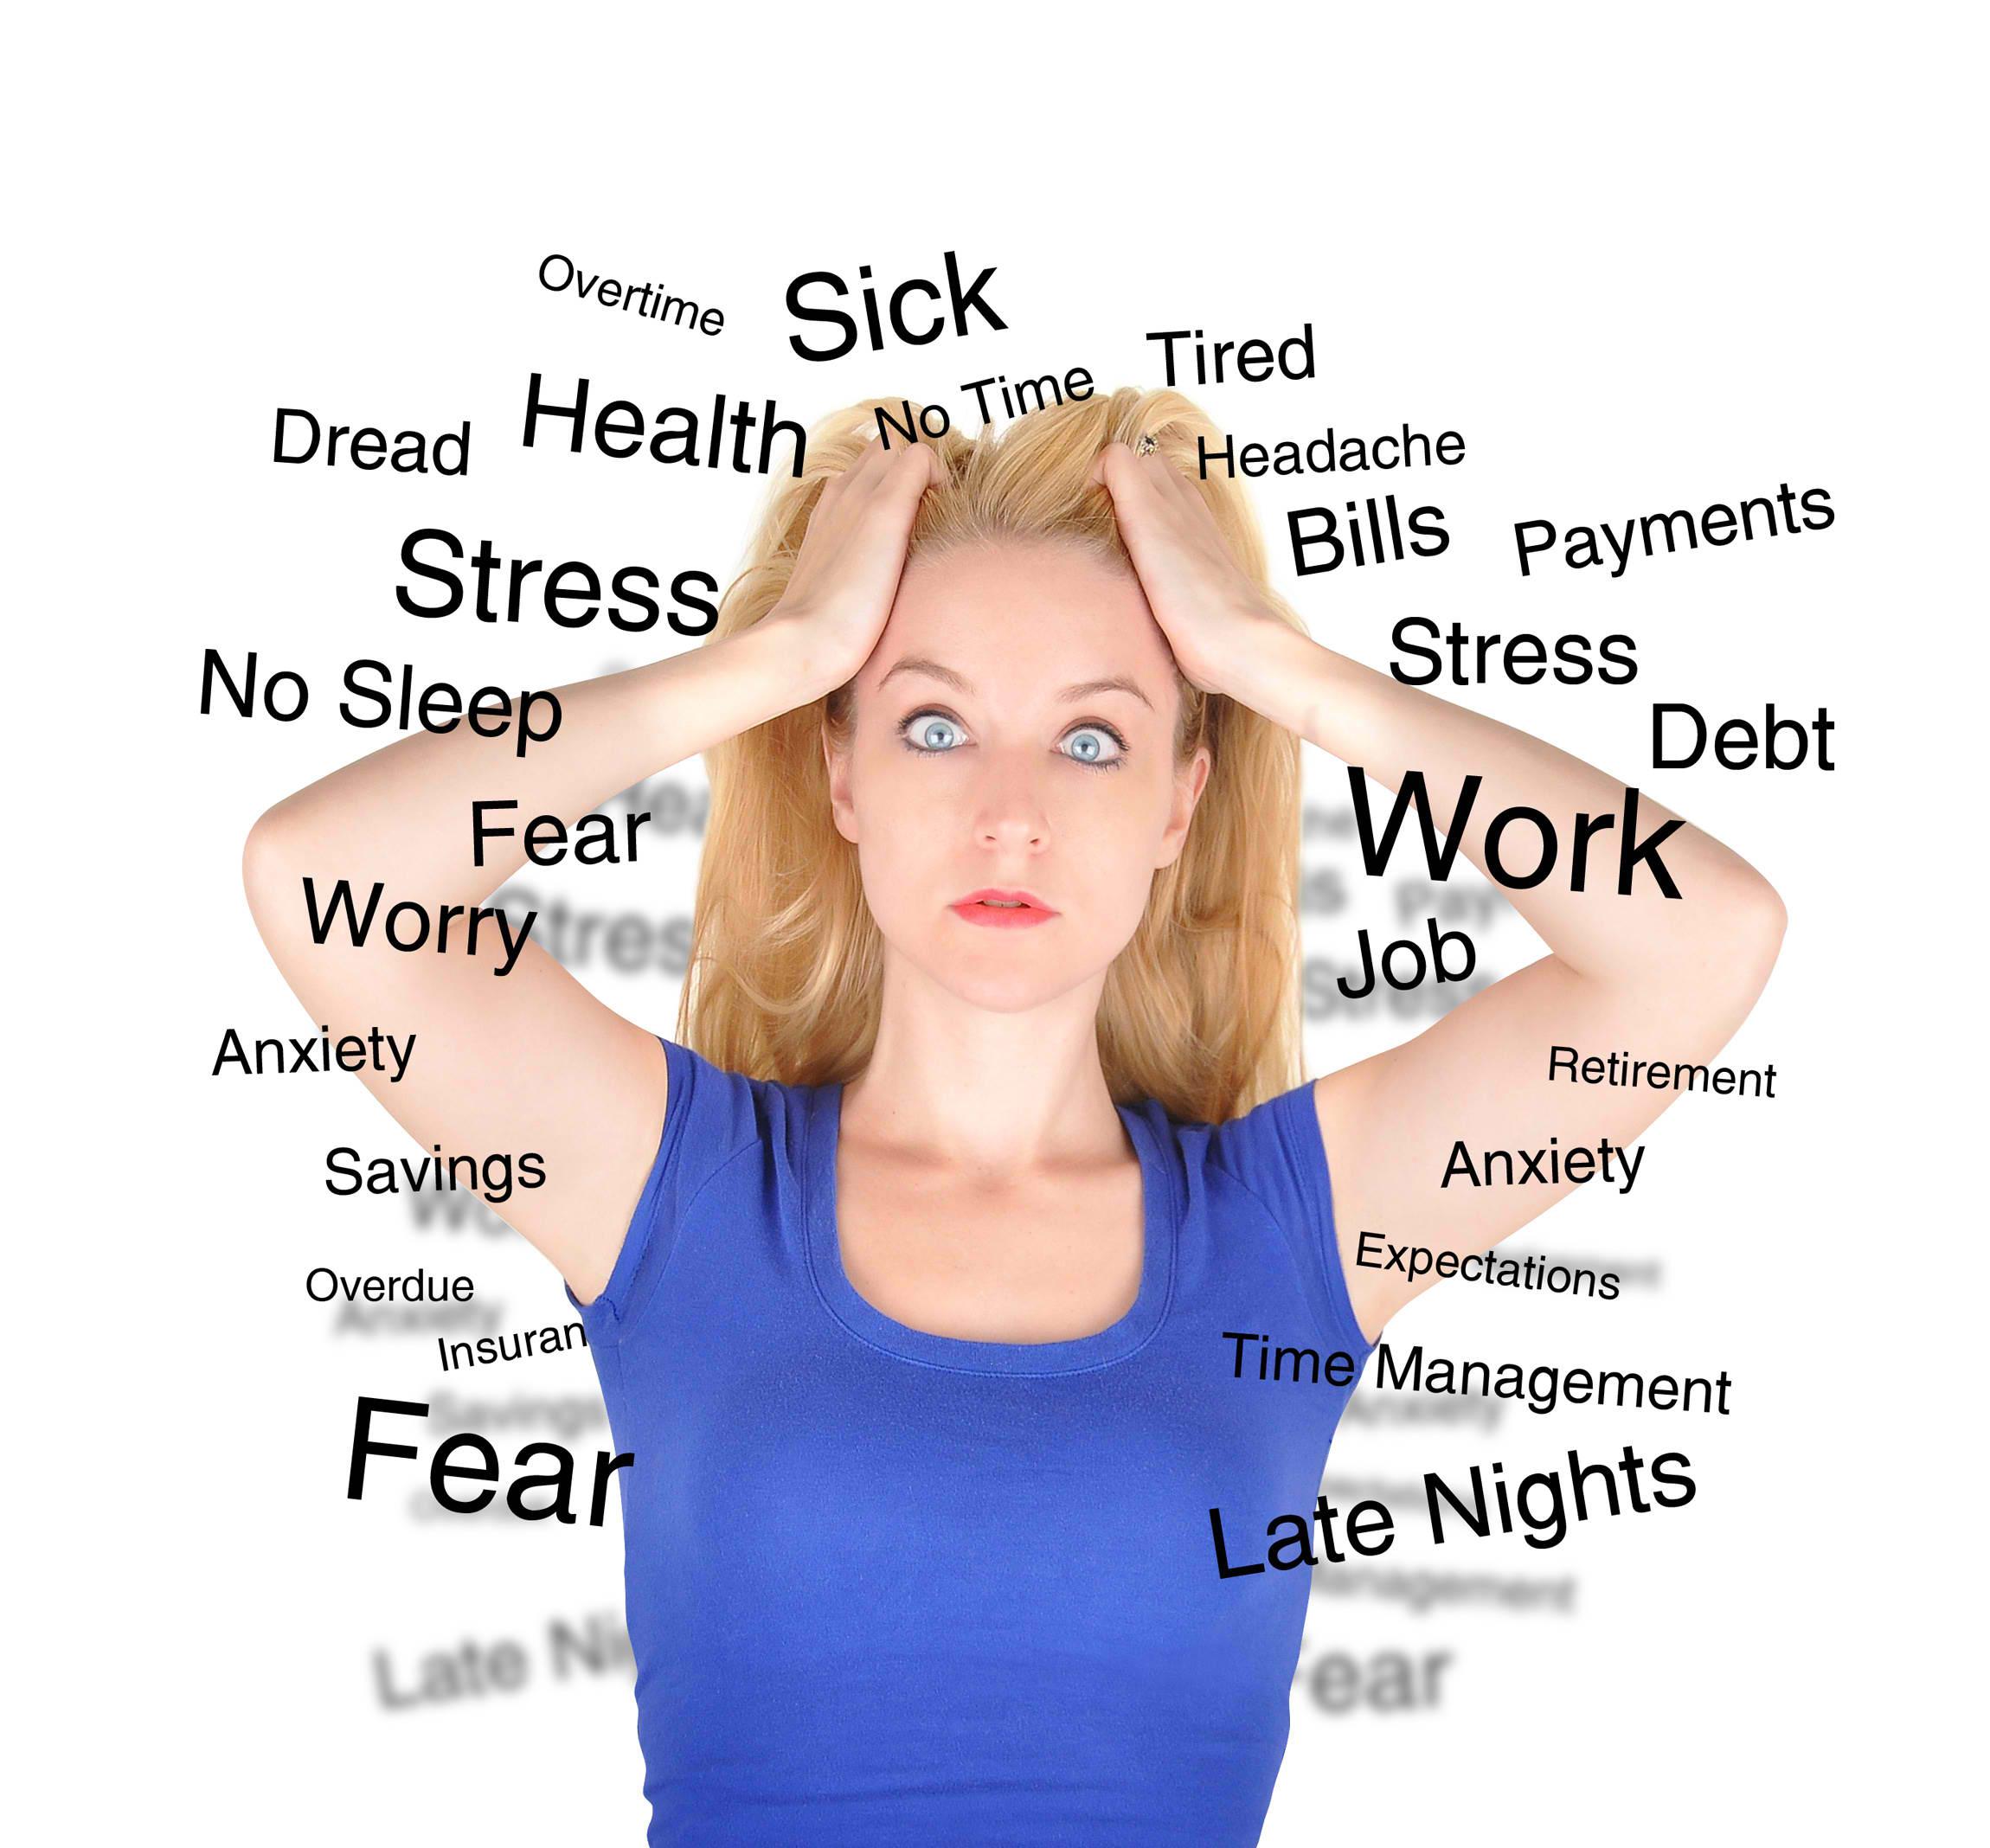 Συμπτώματα που δείχνουν ότι το άγχος σας επιδεινώνεται